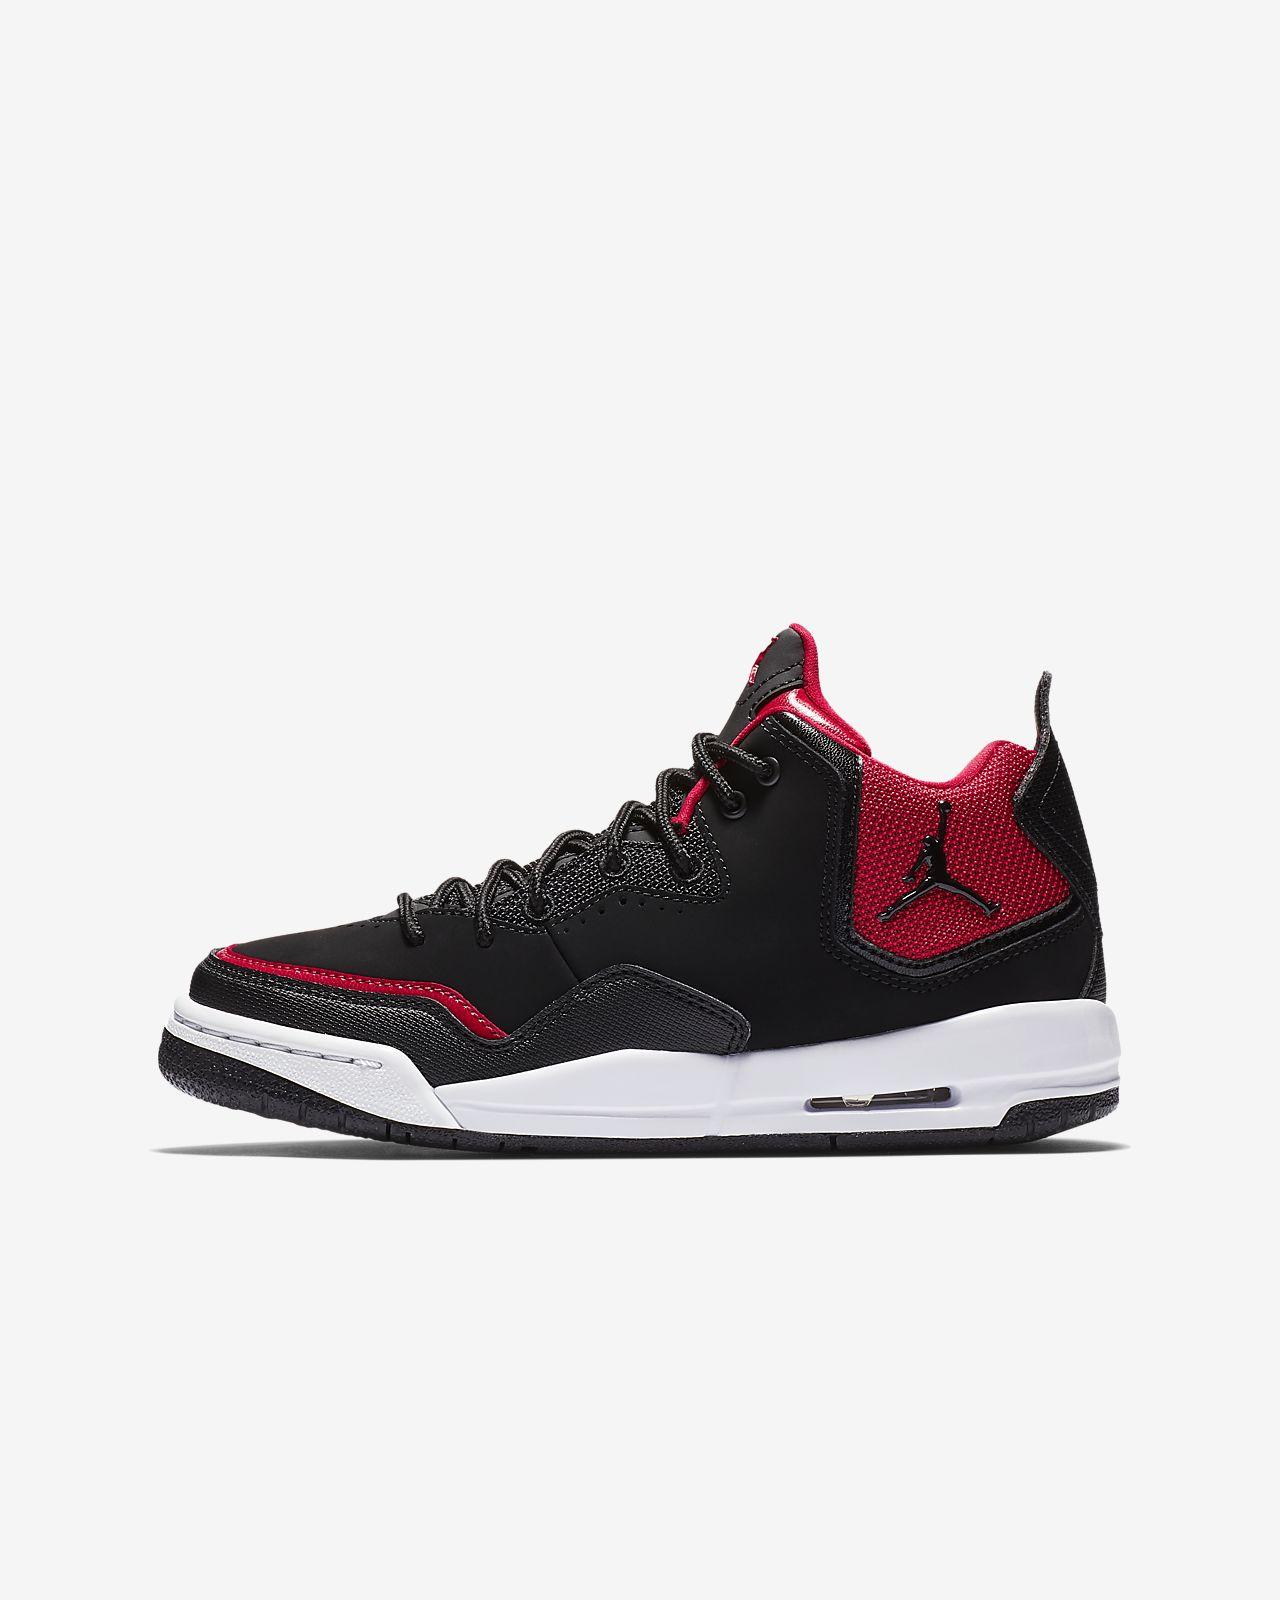 on sale 07a6f fc5e9 ... Jordan Courtside 23 sko til store barn